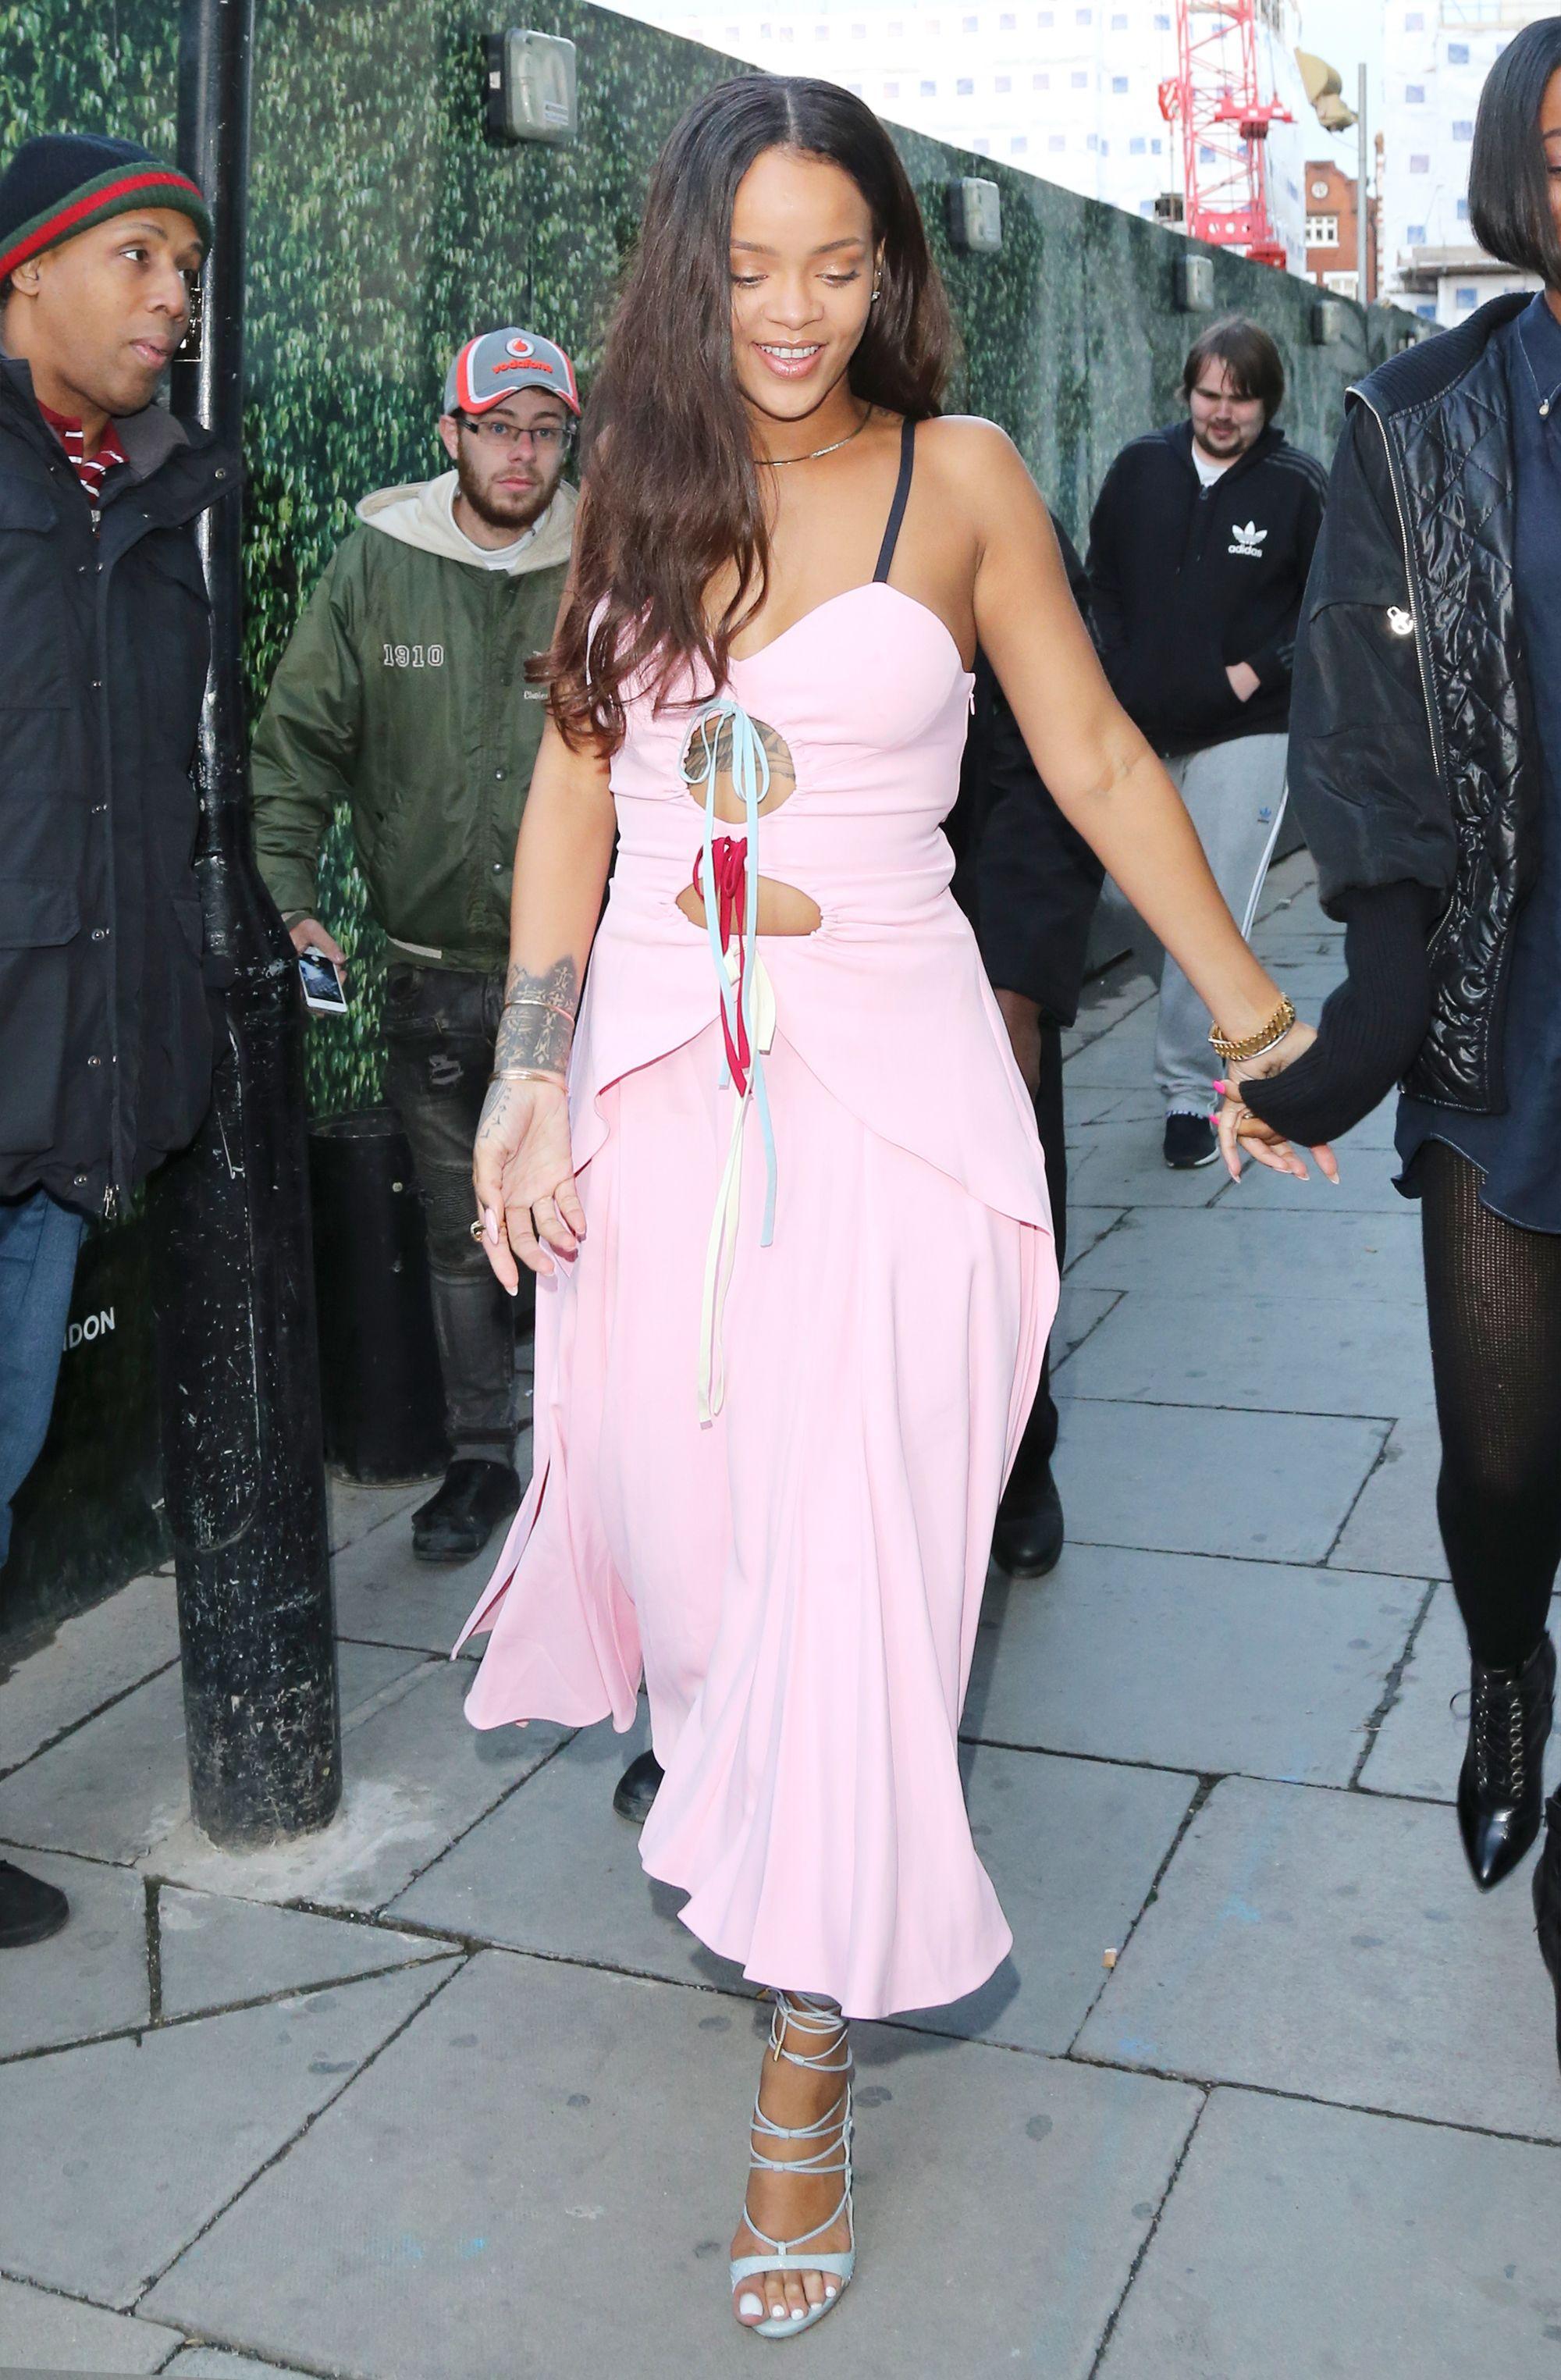 Dorable Vestido De Fiesta Rihanna Bandera - Colección de Vestidos de ...